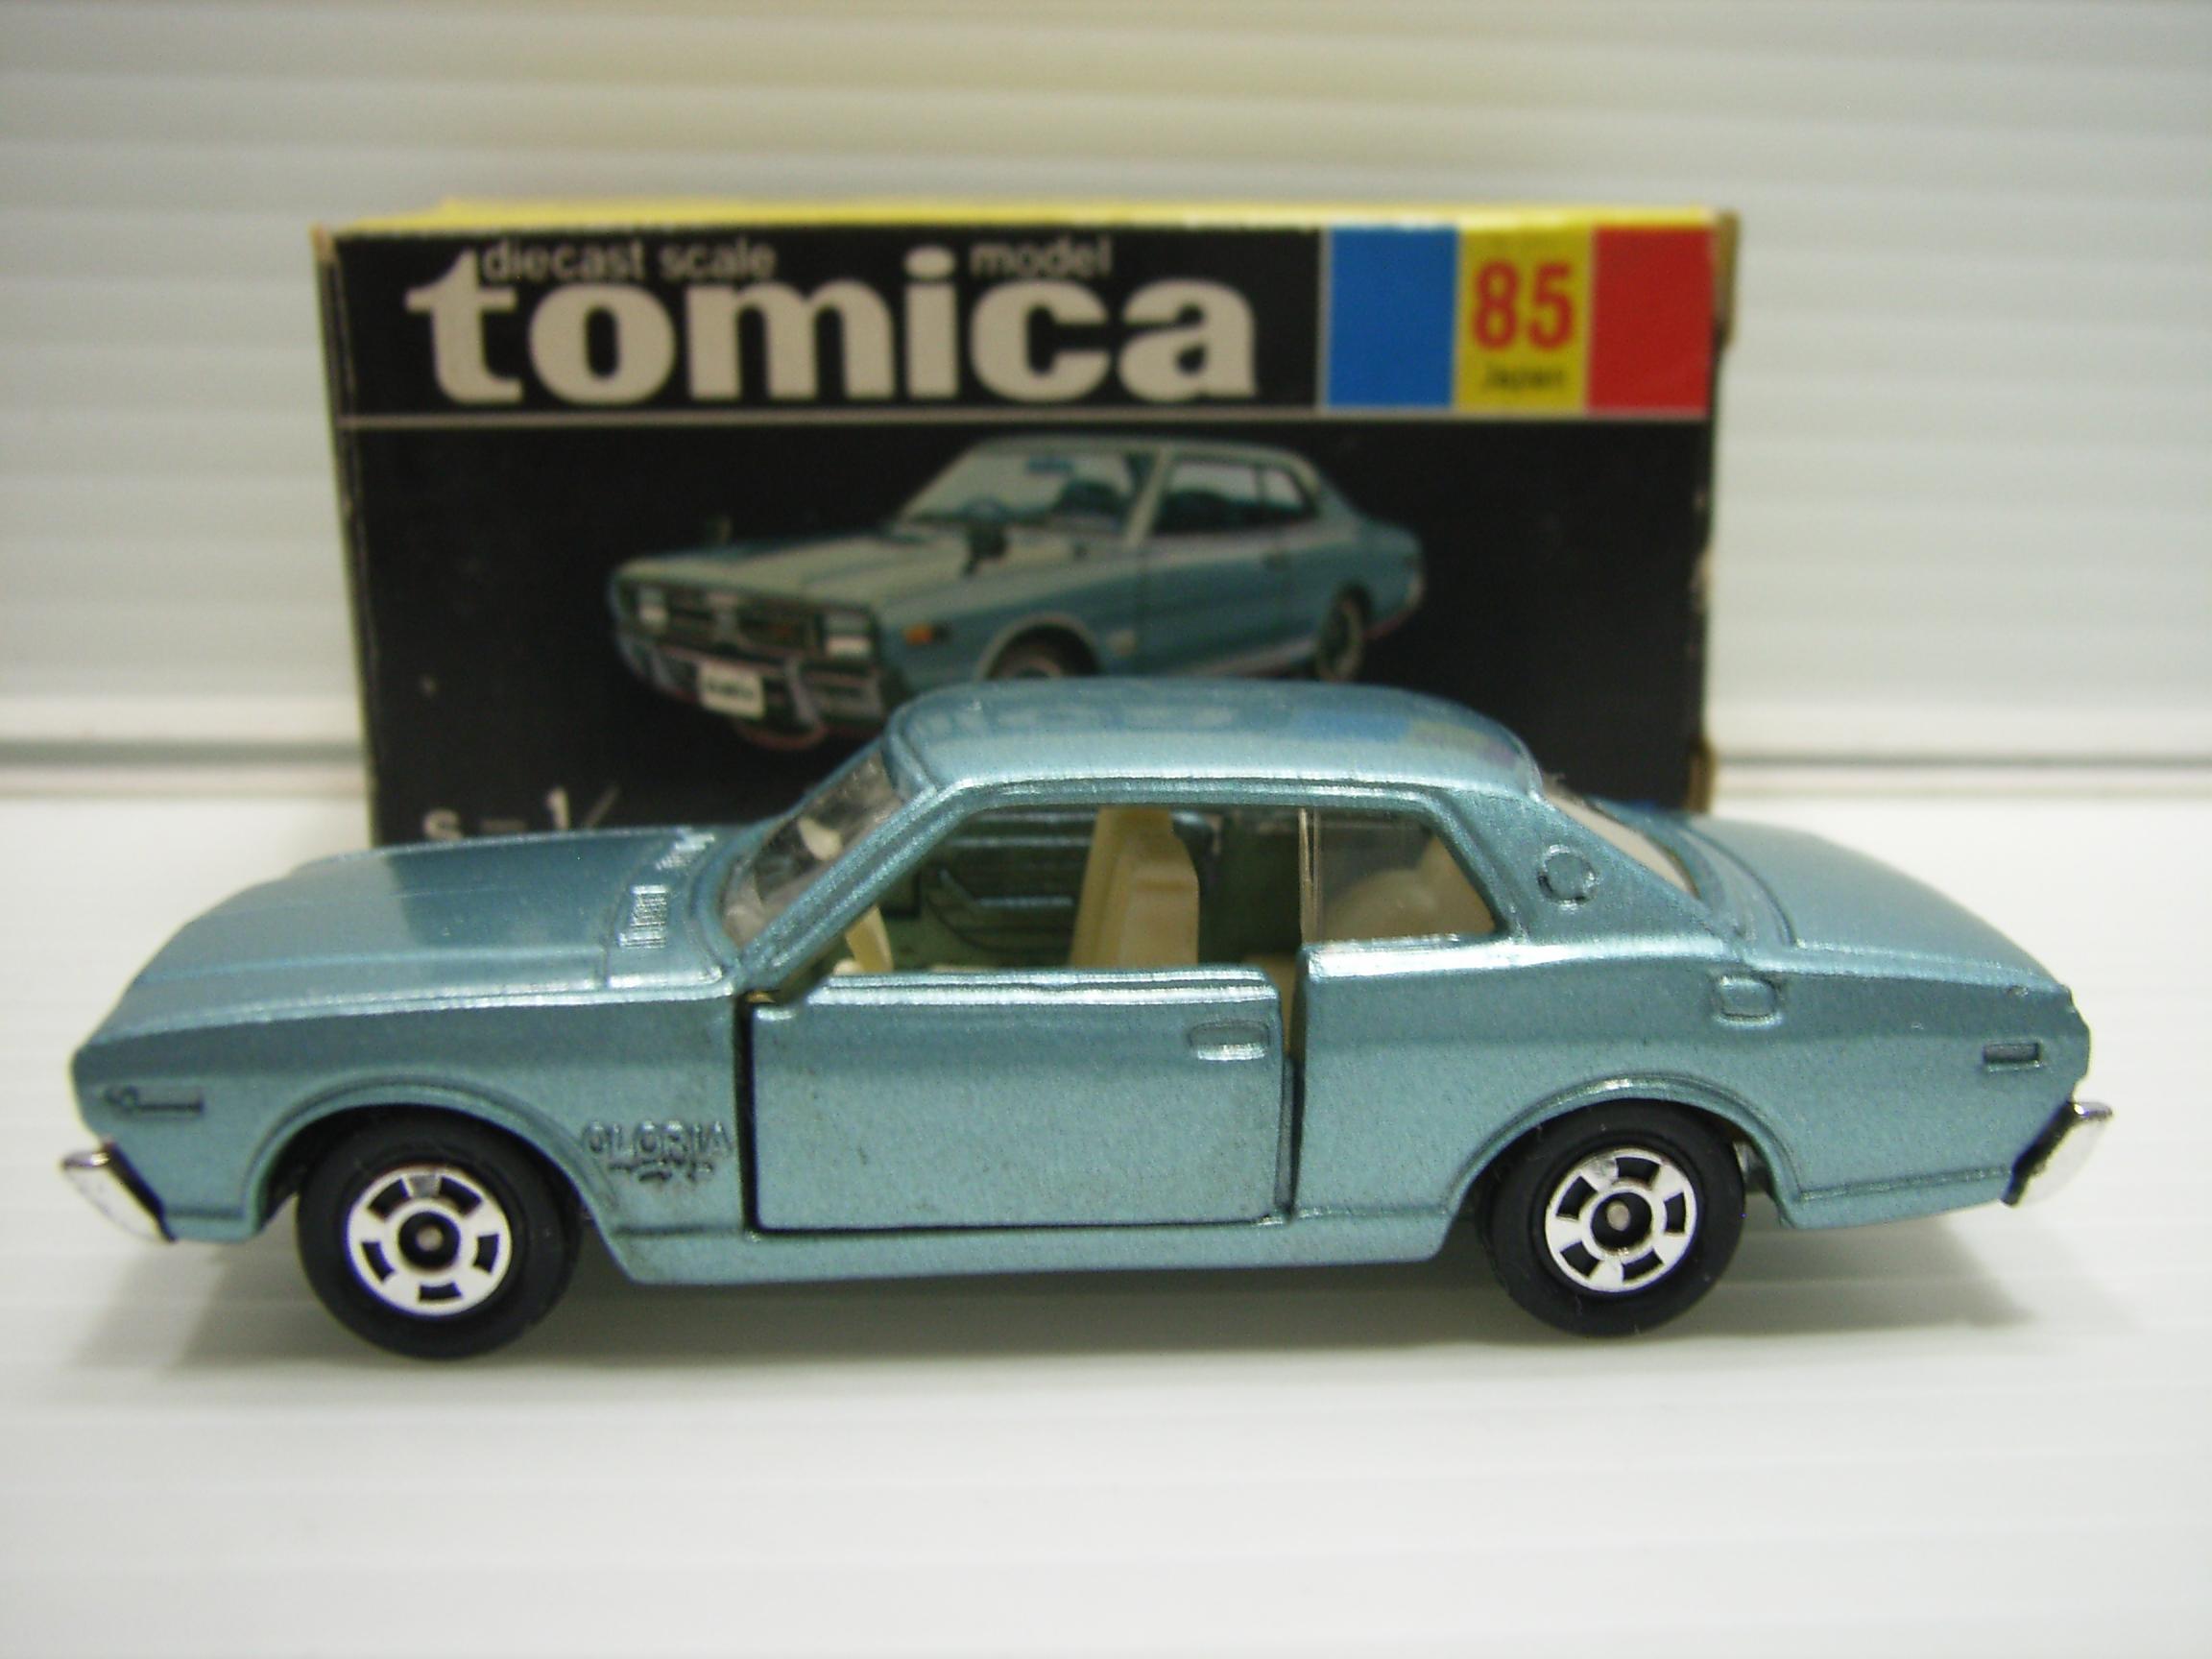 トミカ ニッサン グロリア 2000GX NO.85 ミニカー 7.8cm 当時物 黒箱 JAPAN 現状 【TO3193】